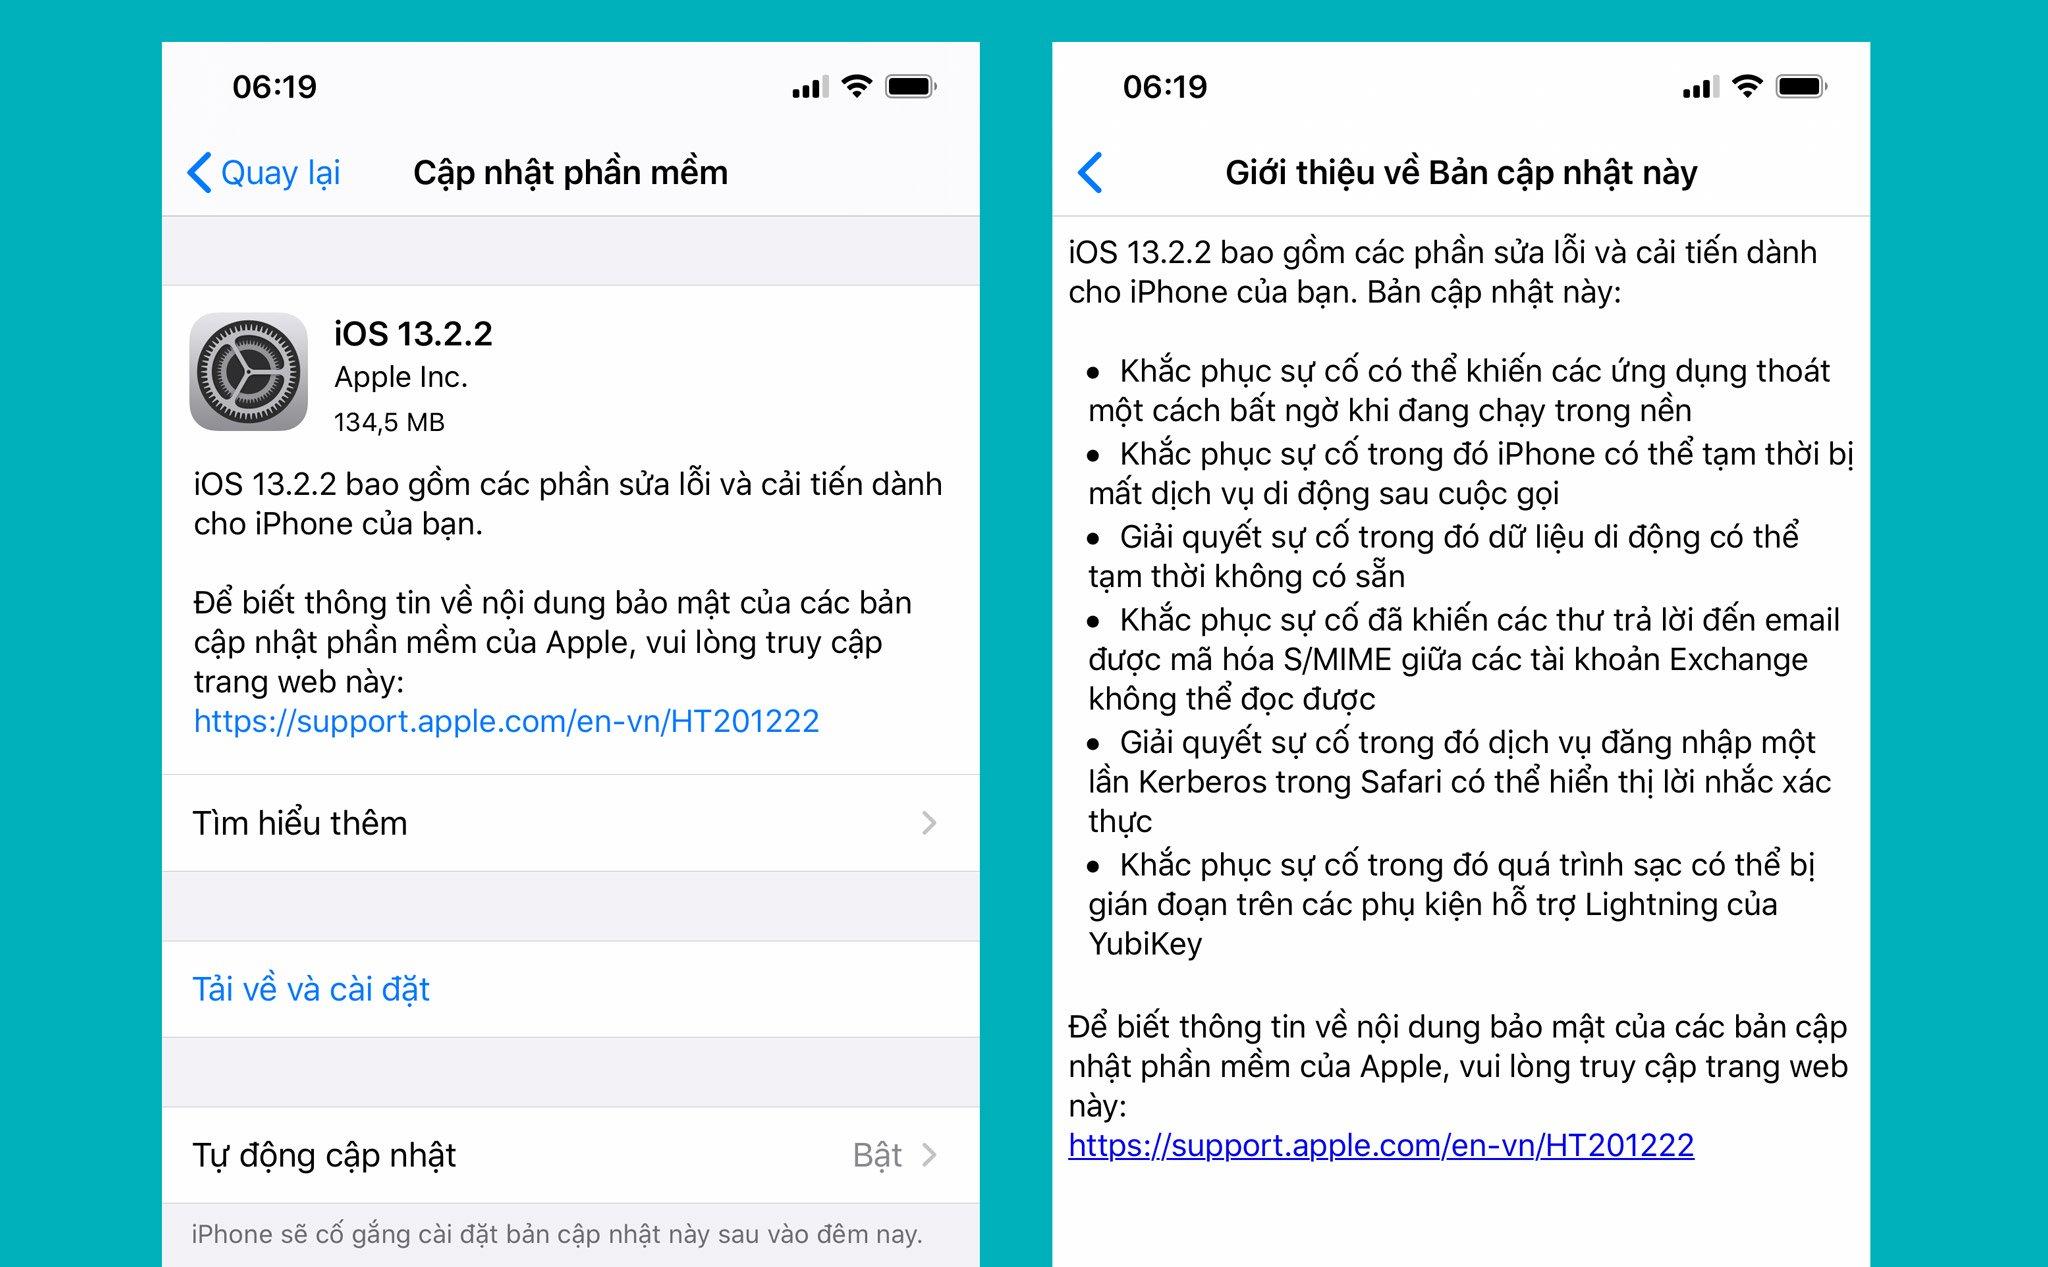 Cập nhật ngay iOS 13.2.2 giúp sửa lỗi app chạy đa nhiệm bị đóng quá nhanh hình 1